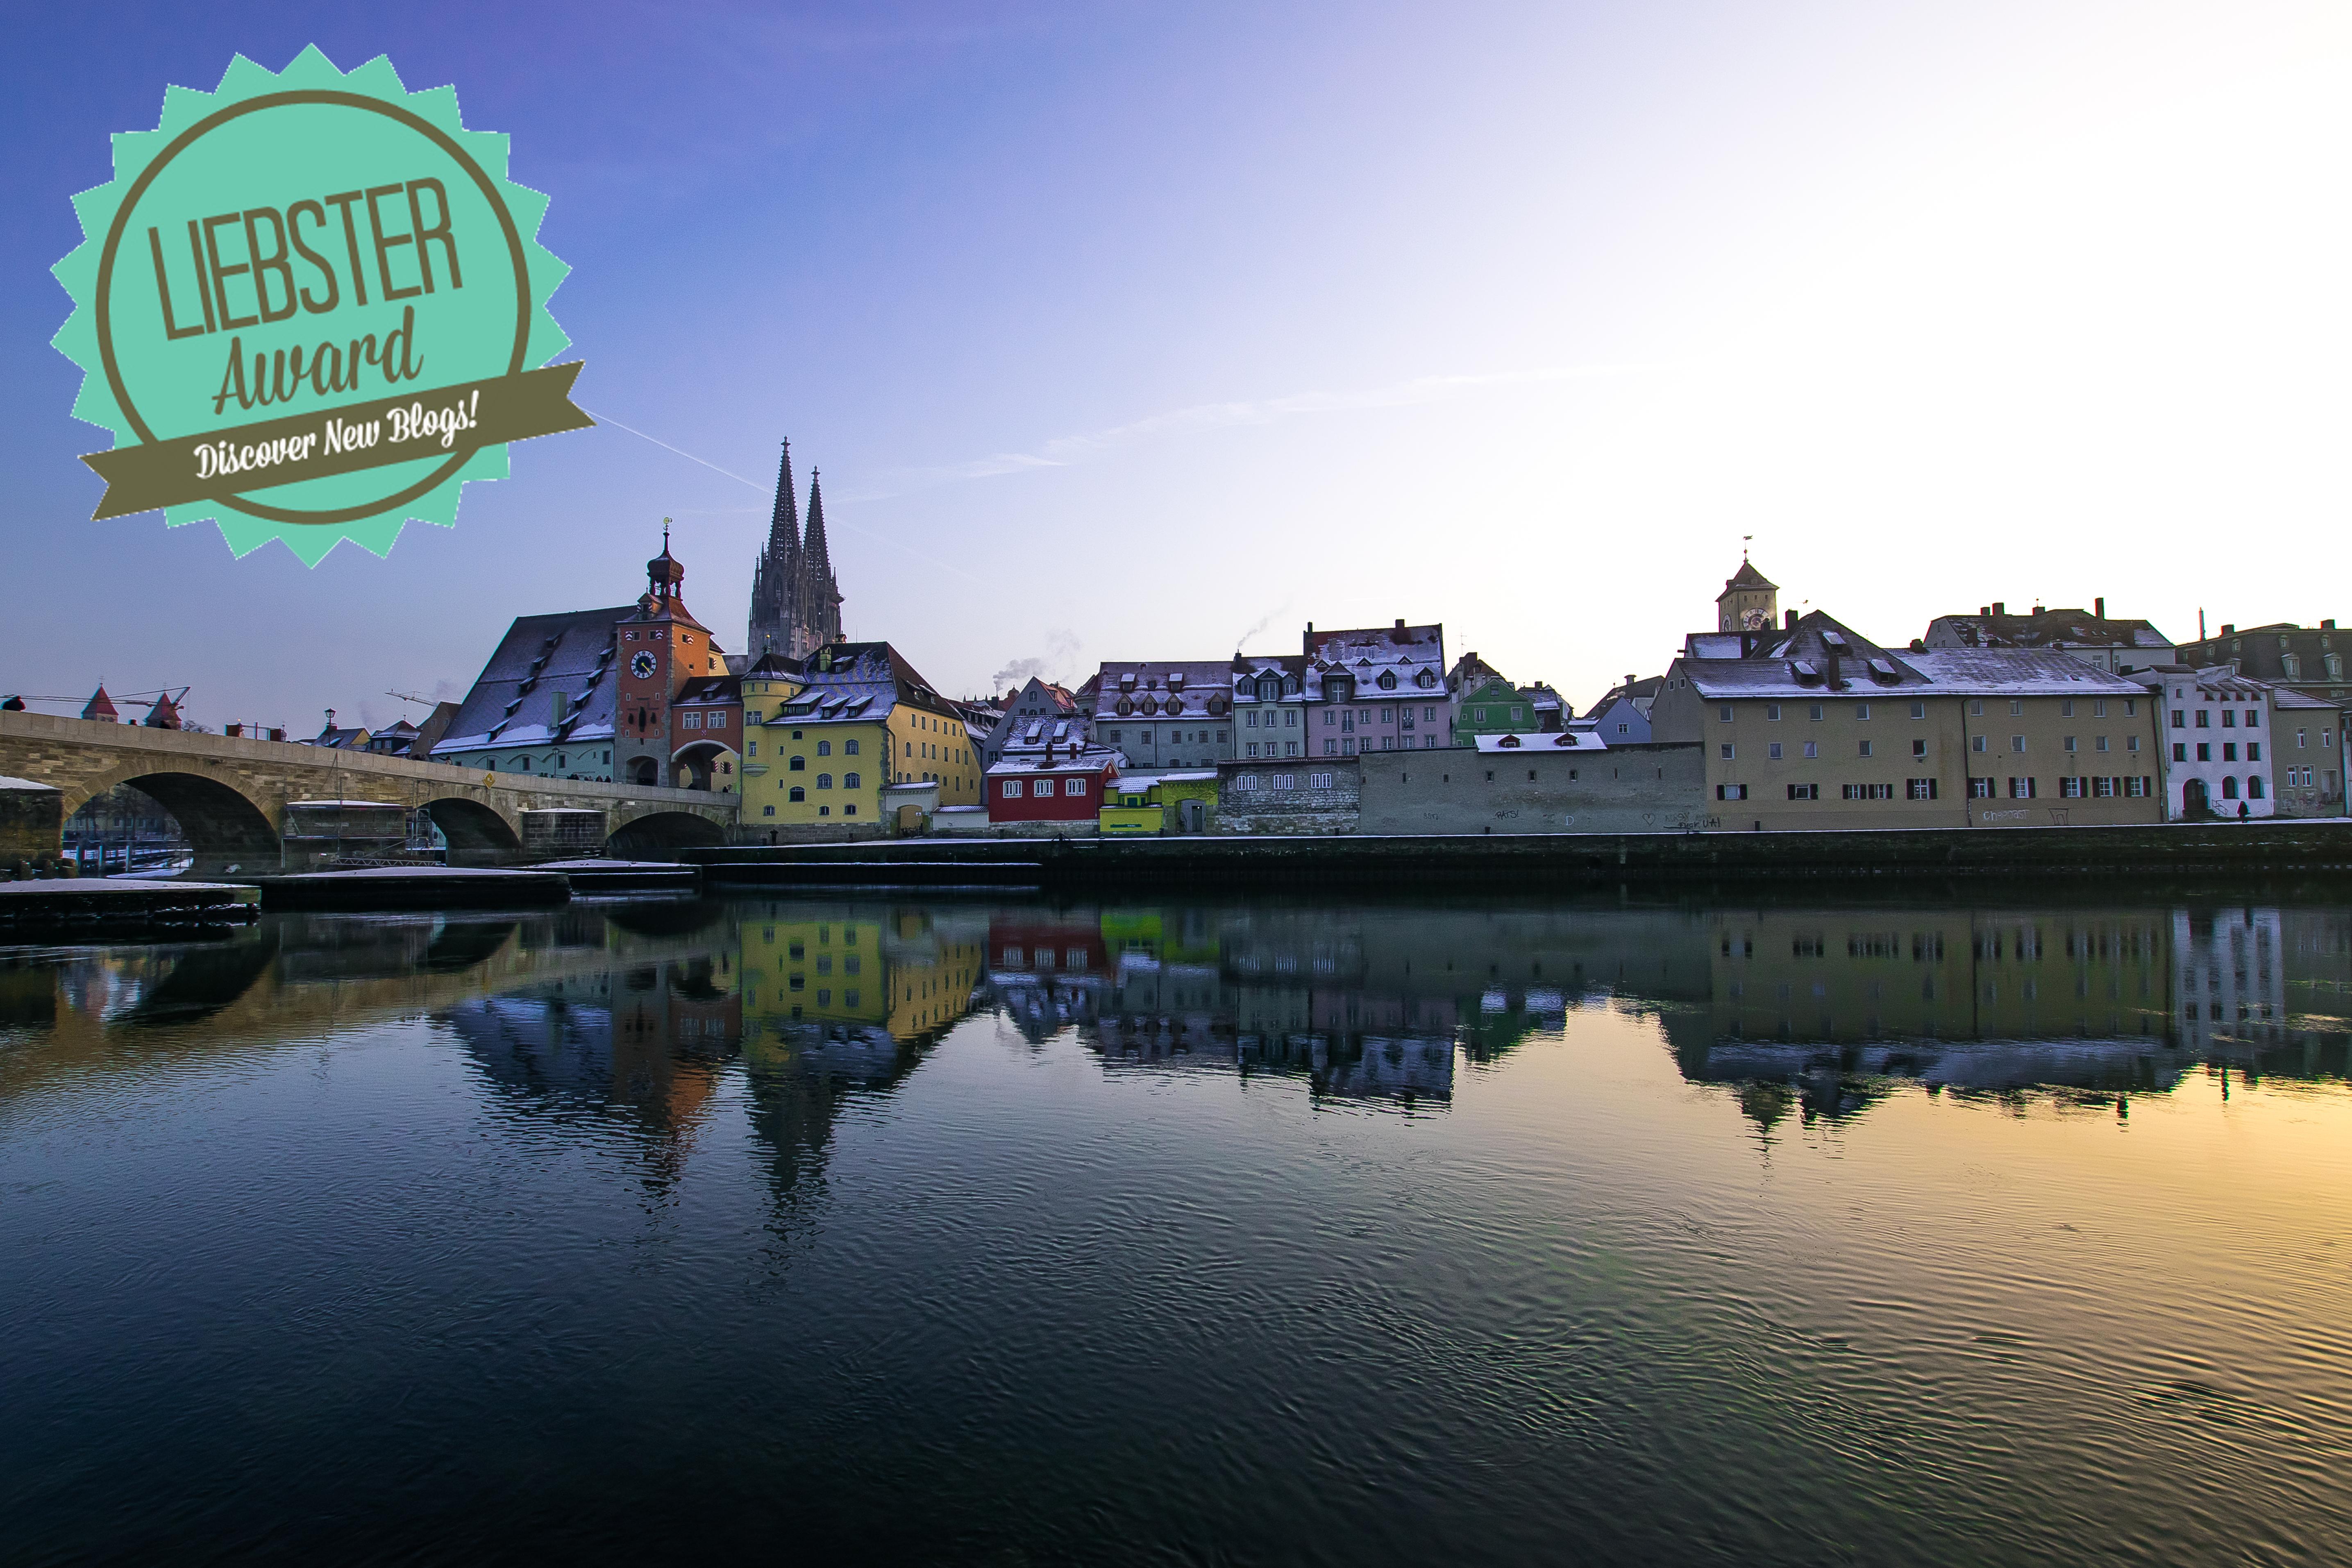 Der Liebster Award geht nach Regensburg!